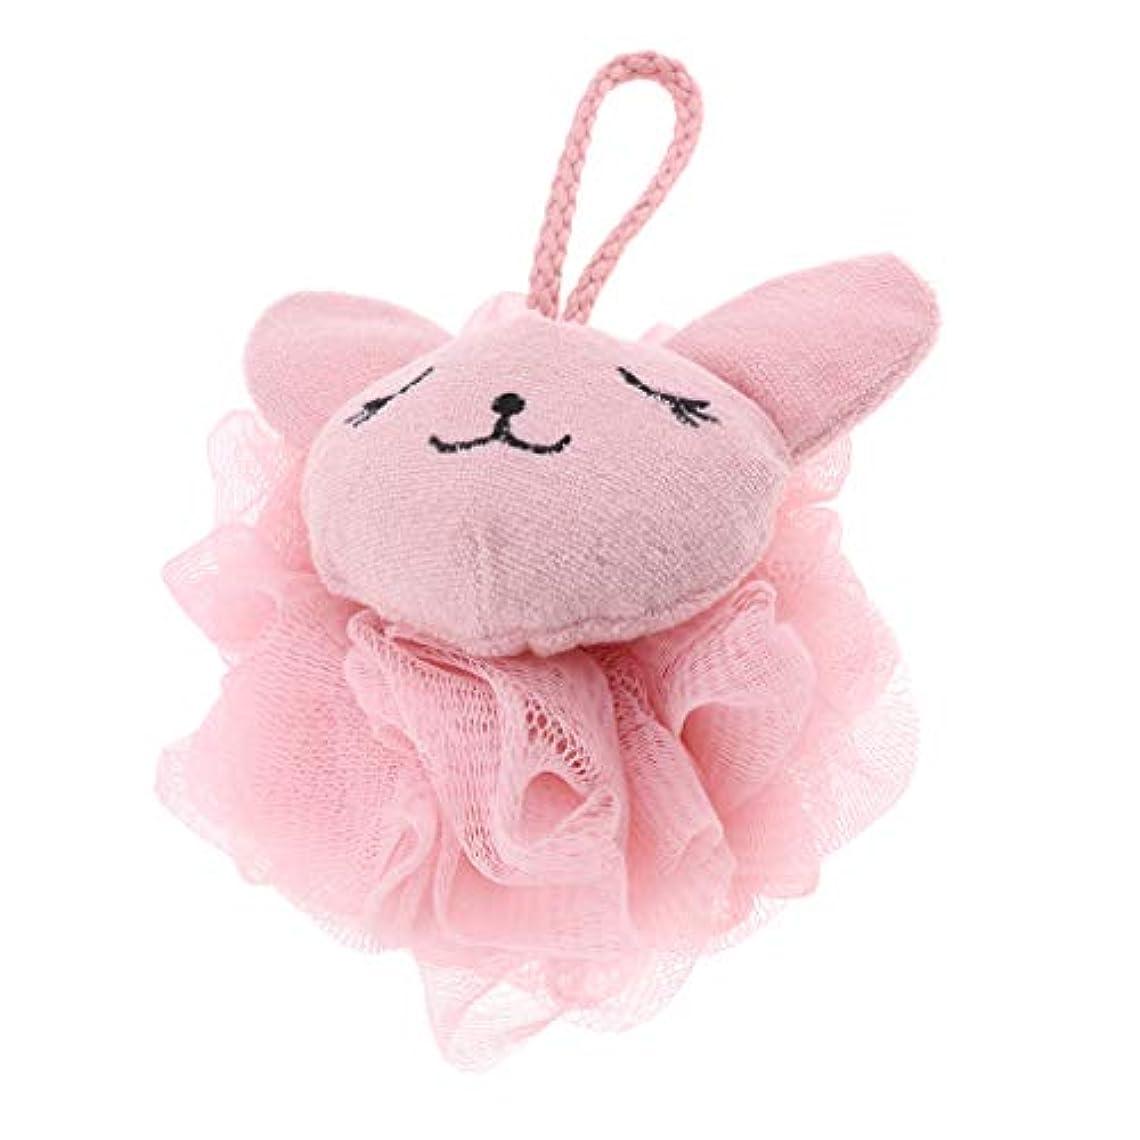 応用啓示統合するCUTICATE シャワーボール ボディスポンジ 漫画 動物 お風呂 バスグッズ 体洗い 柔らか 快適 全2色 - ピンク